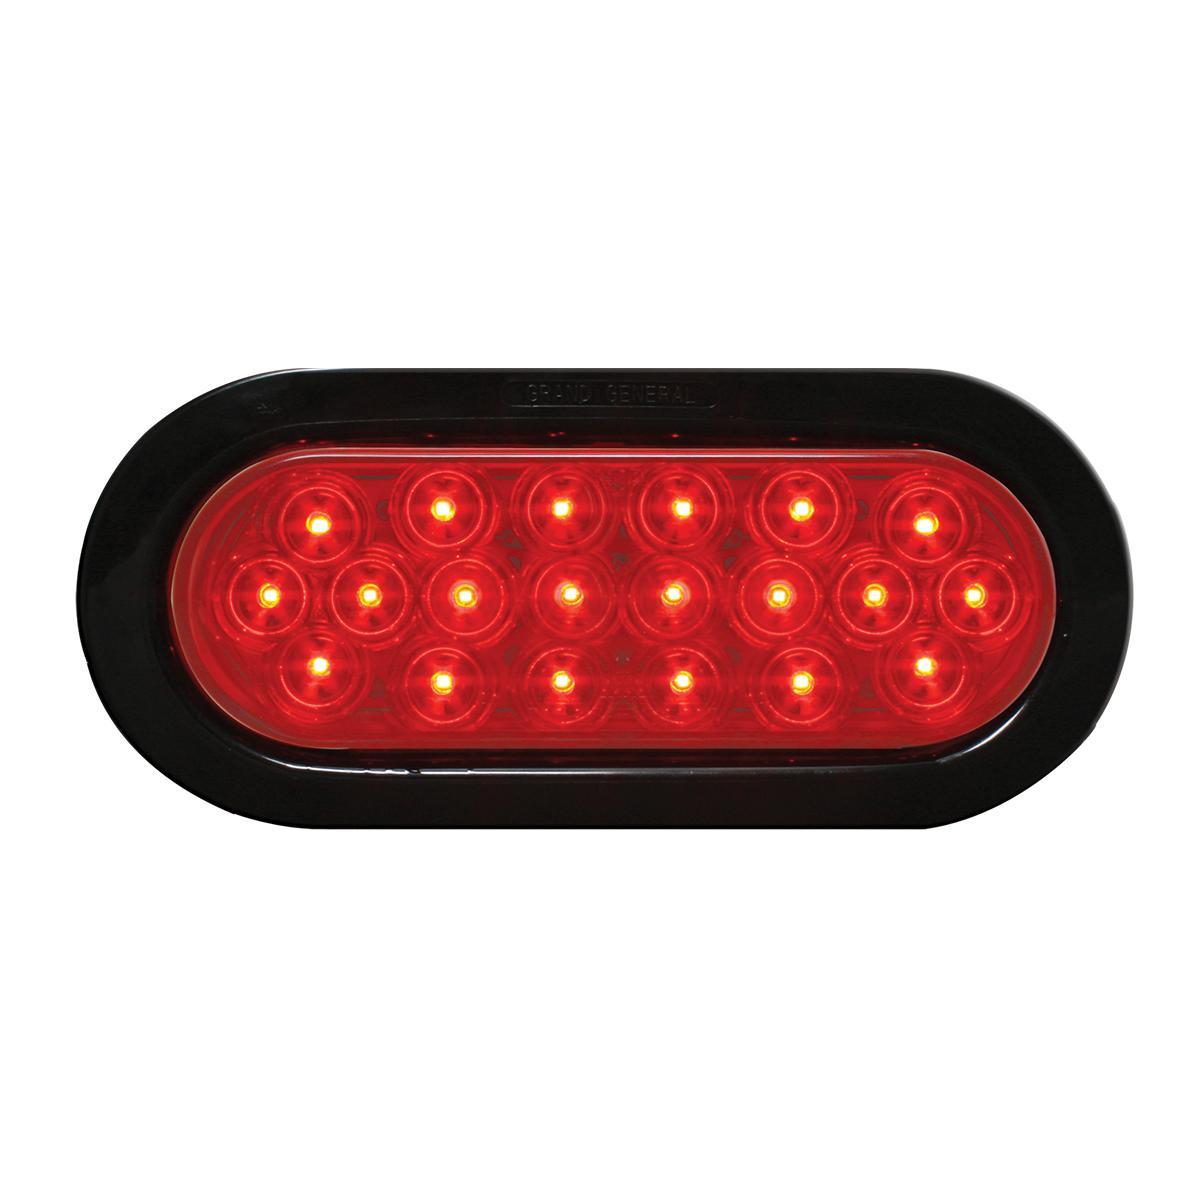 87723 Oval Fleet LED Light w/ Black Rubber Grommet